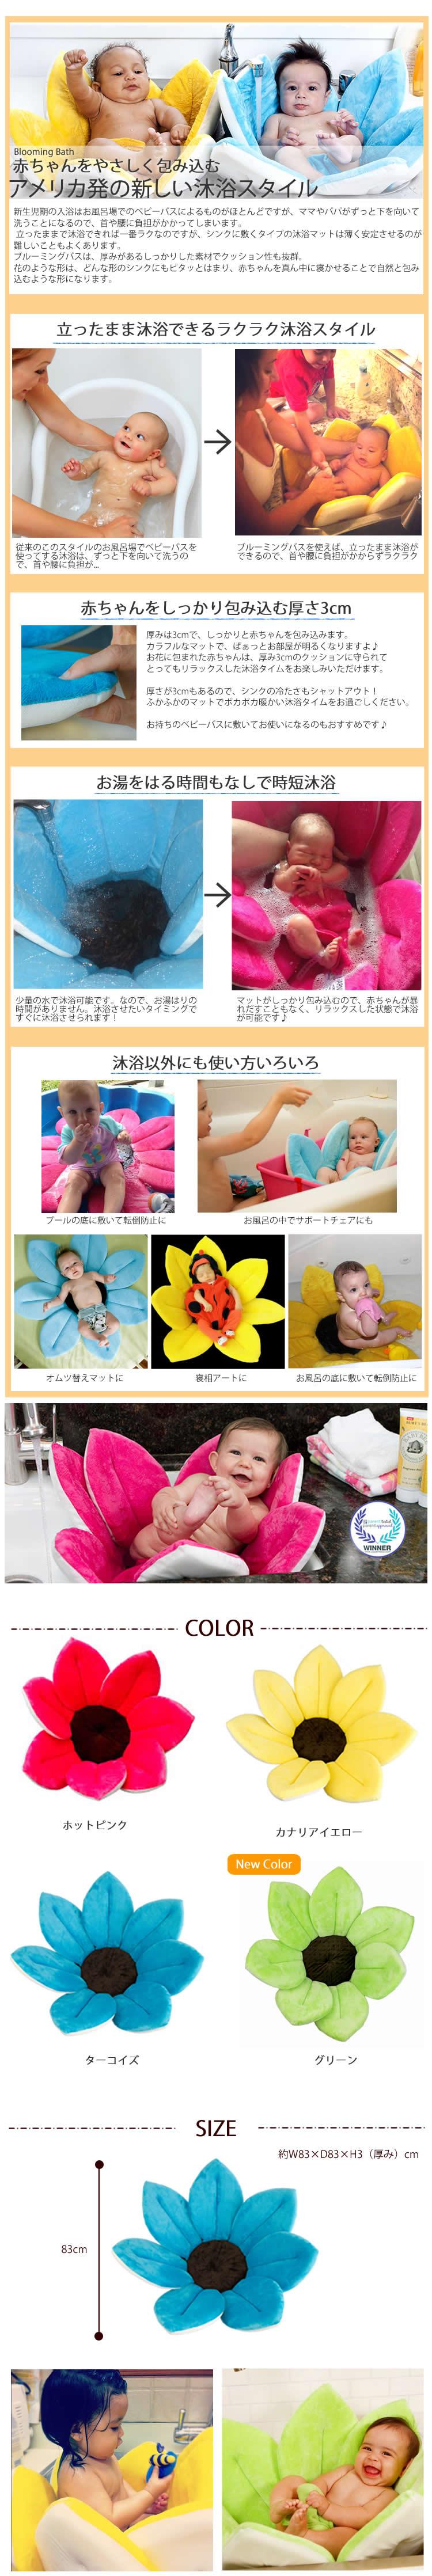 ☆ 선물에 최적 ☆ 꽃이 피어 있는 목욕 매트 ♪ 화려한 귀여운 ♪ ブルーミングバス 전 4 색 아기를 감싸는 ♪